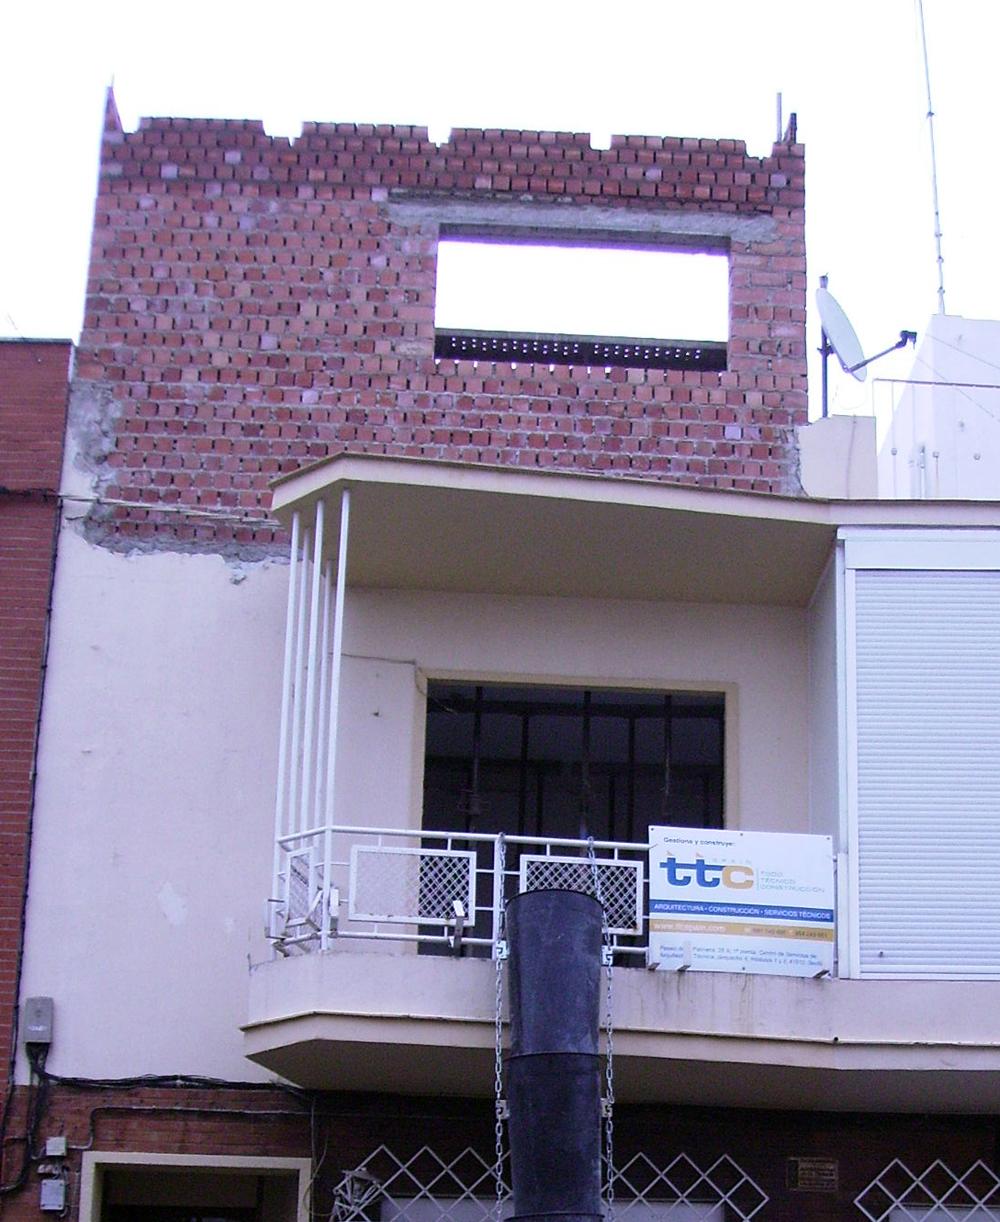 Reforma y ampliación de una 3ª planta en vivienda unifamiliar entre medianeras en el barrio de Nervión, Sevilla – TTC Spain